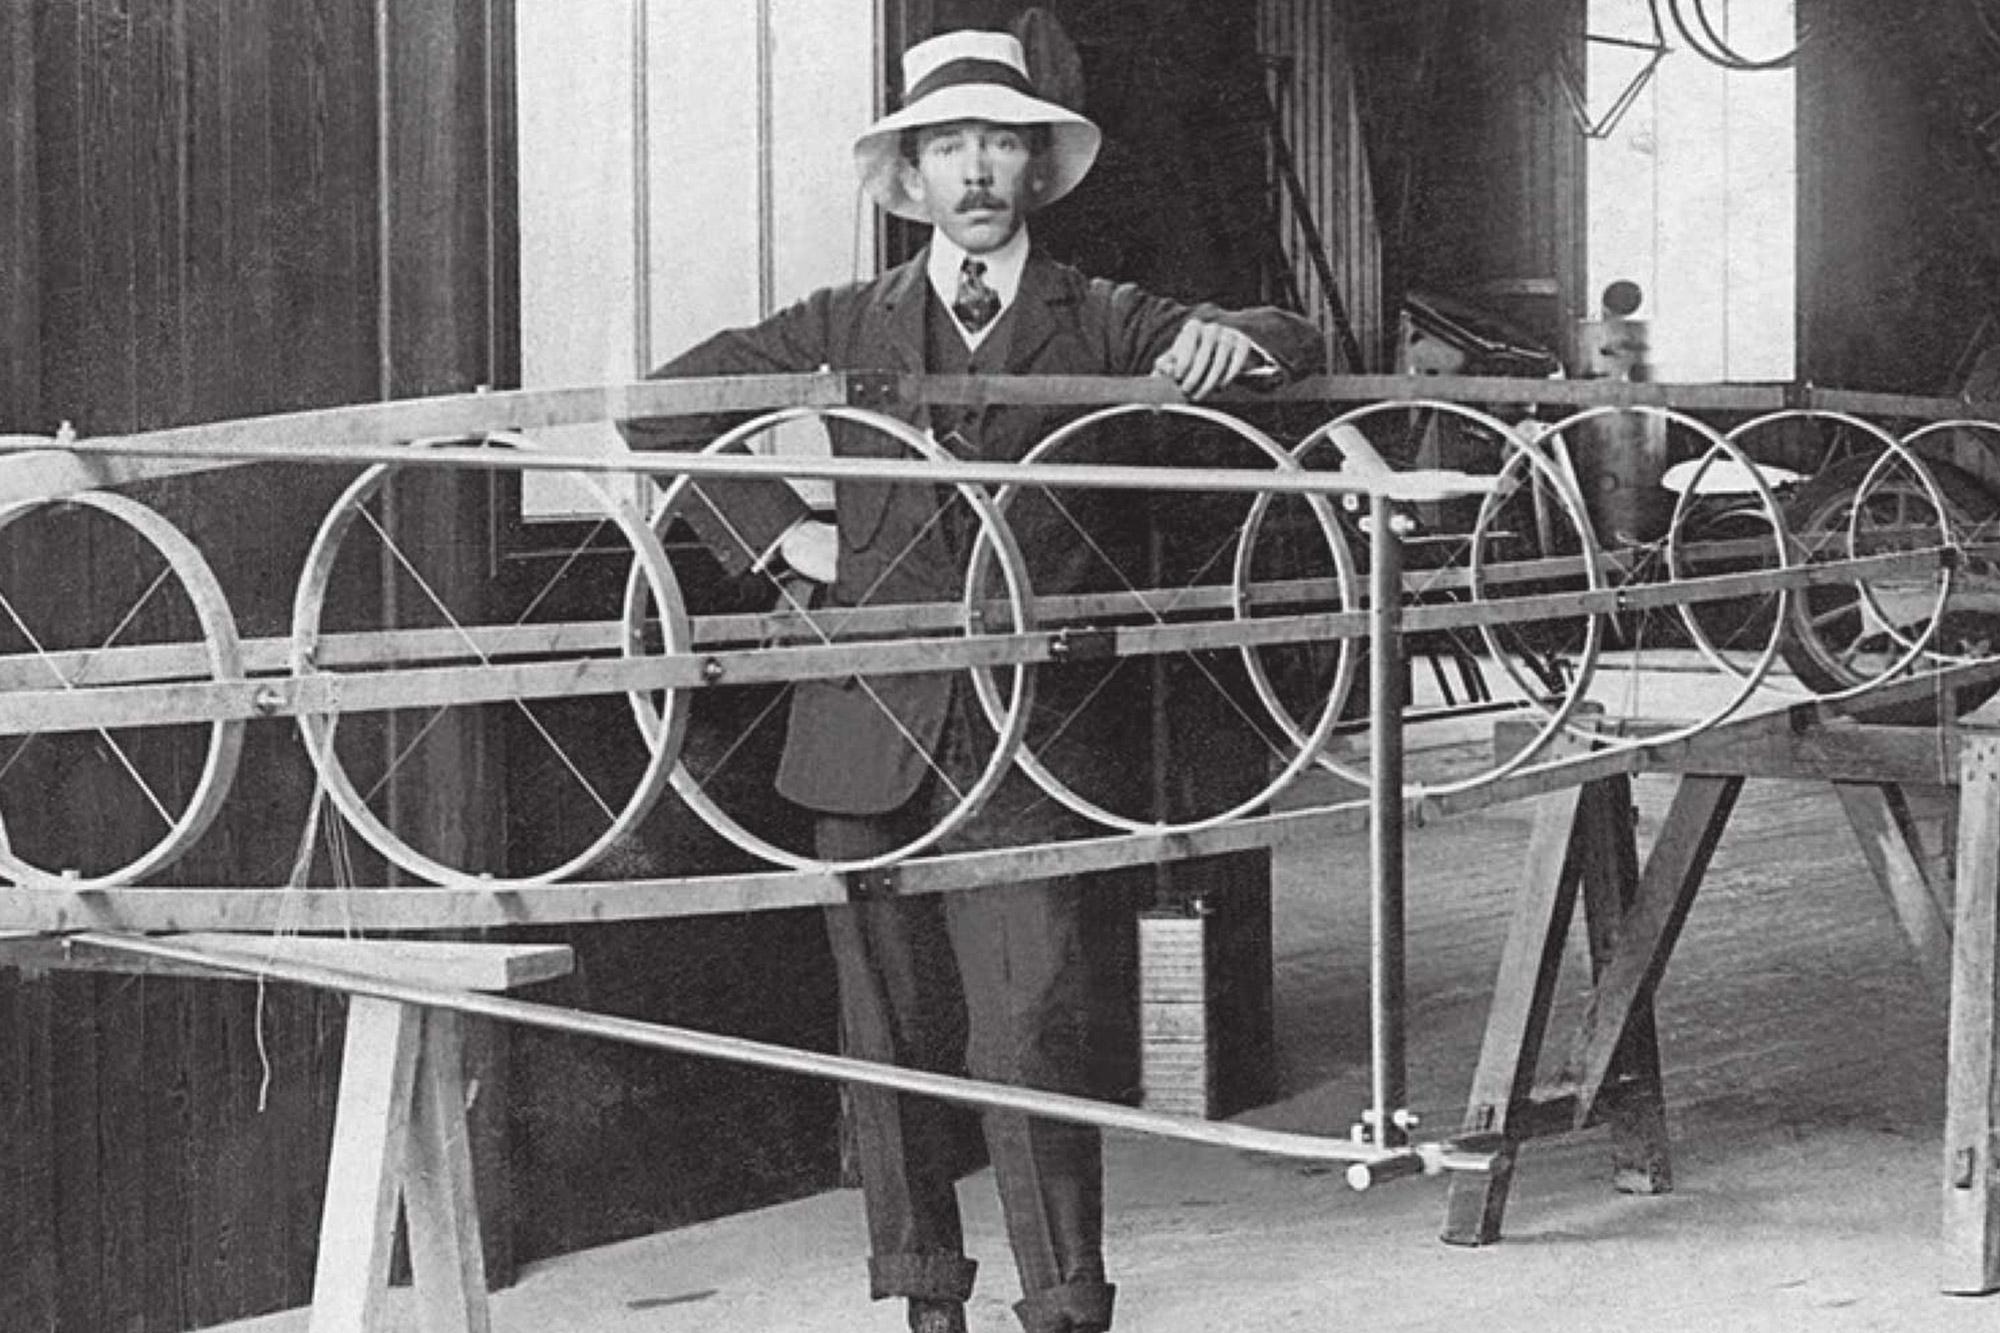 Alberto Santos-Dumont - Structure d'avion